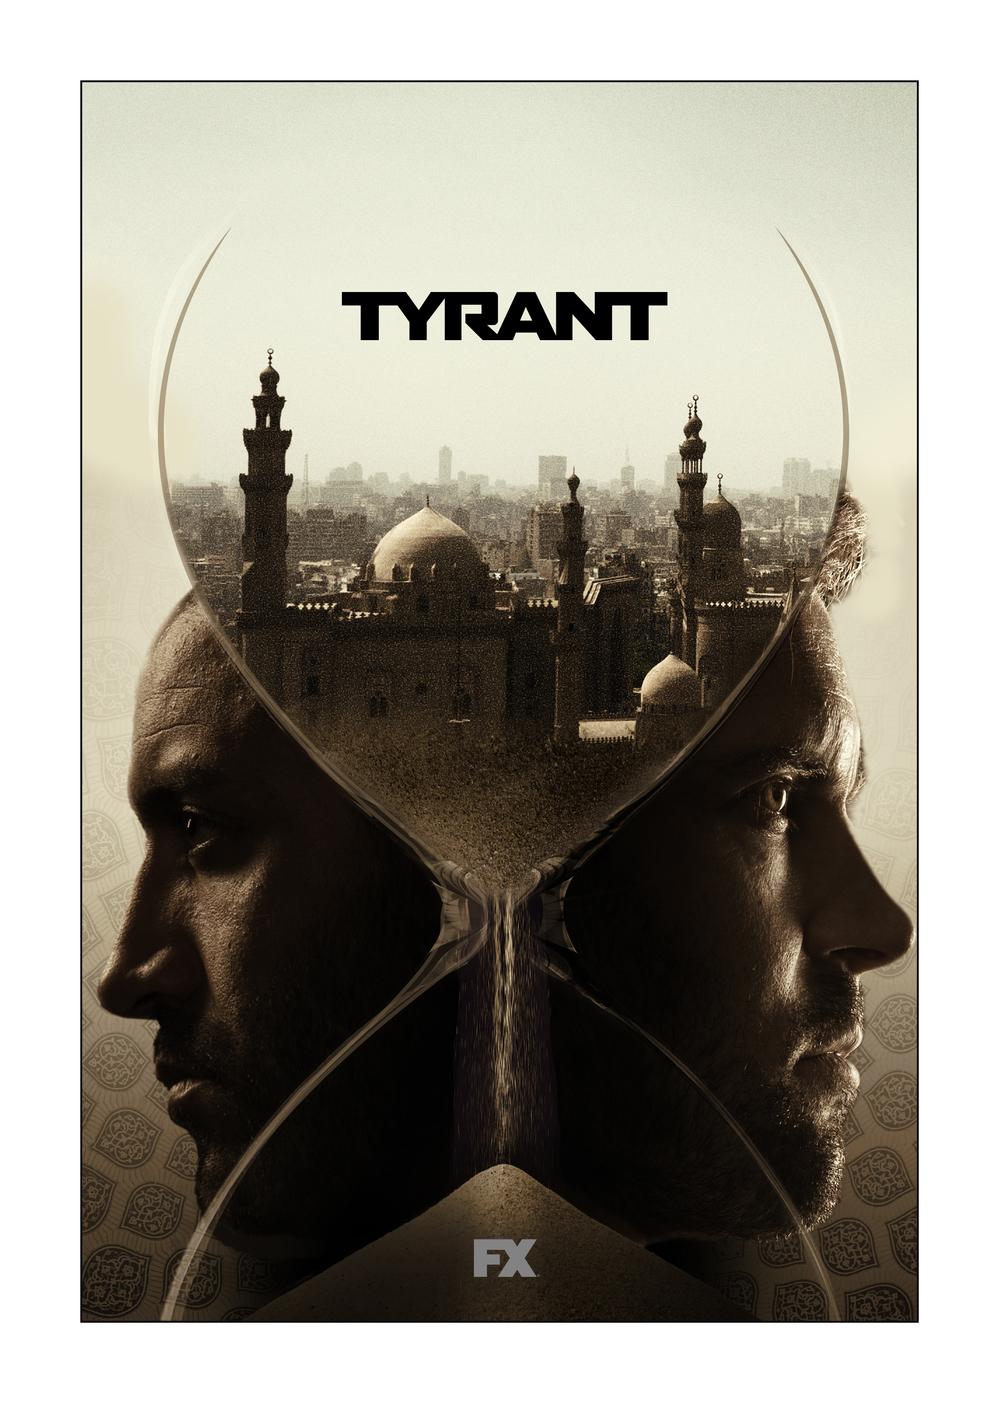 0014_tyrant2_1sht_es00.jpg